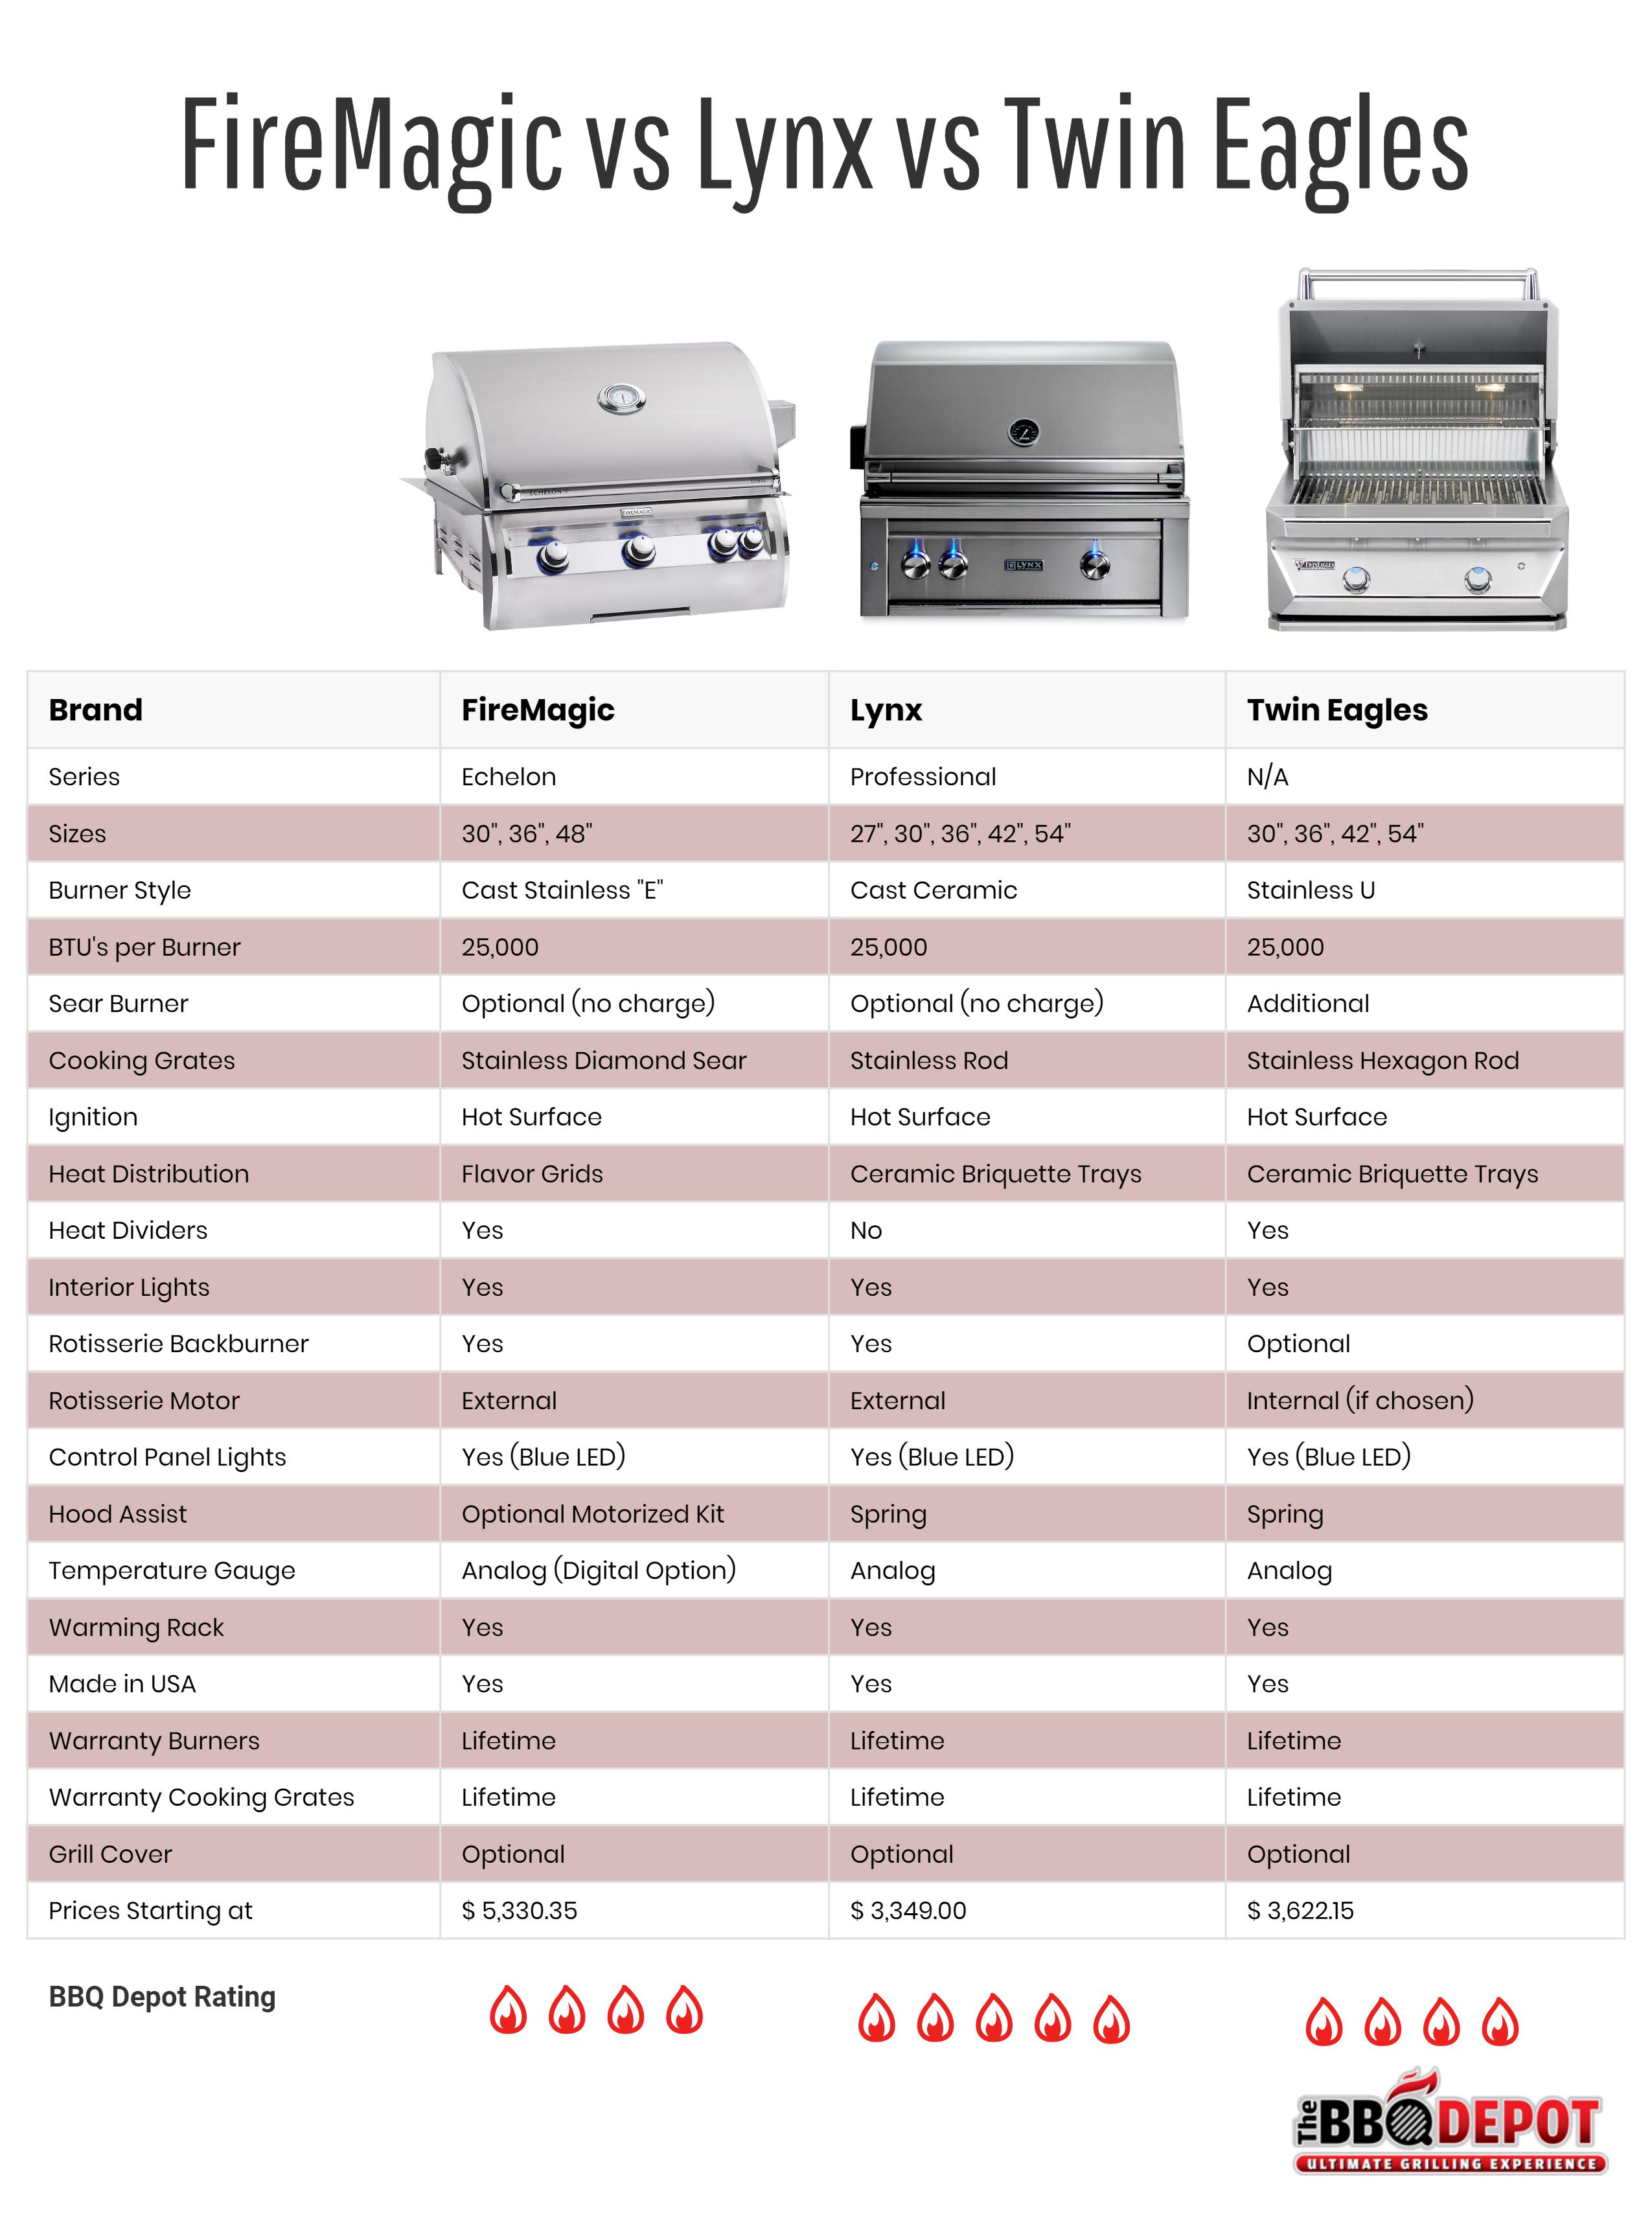 FireMagic vs Lynx vs Twin Eagles Grill Comparison